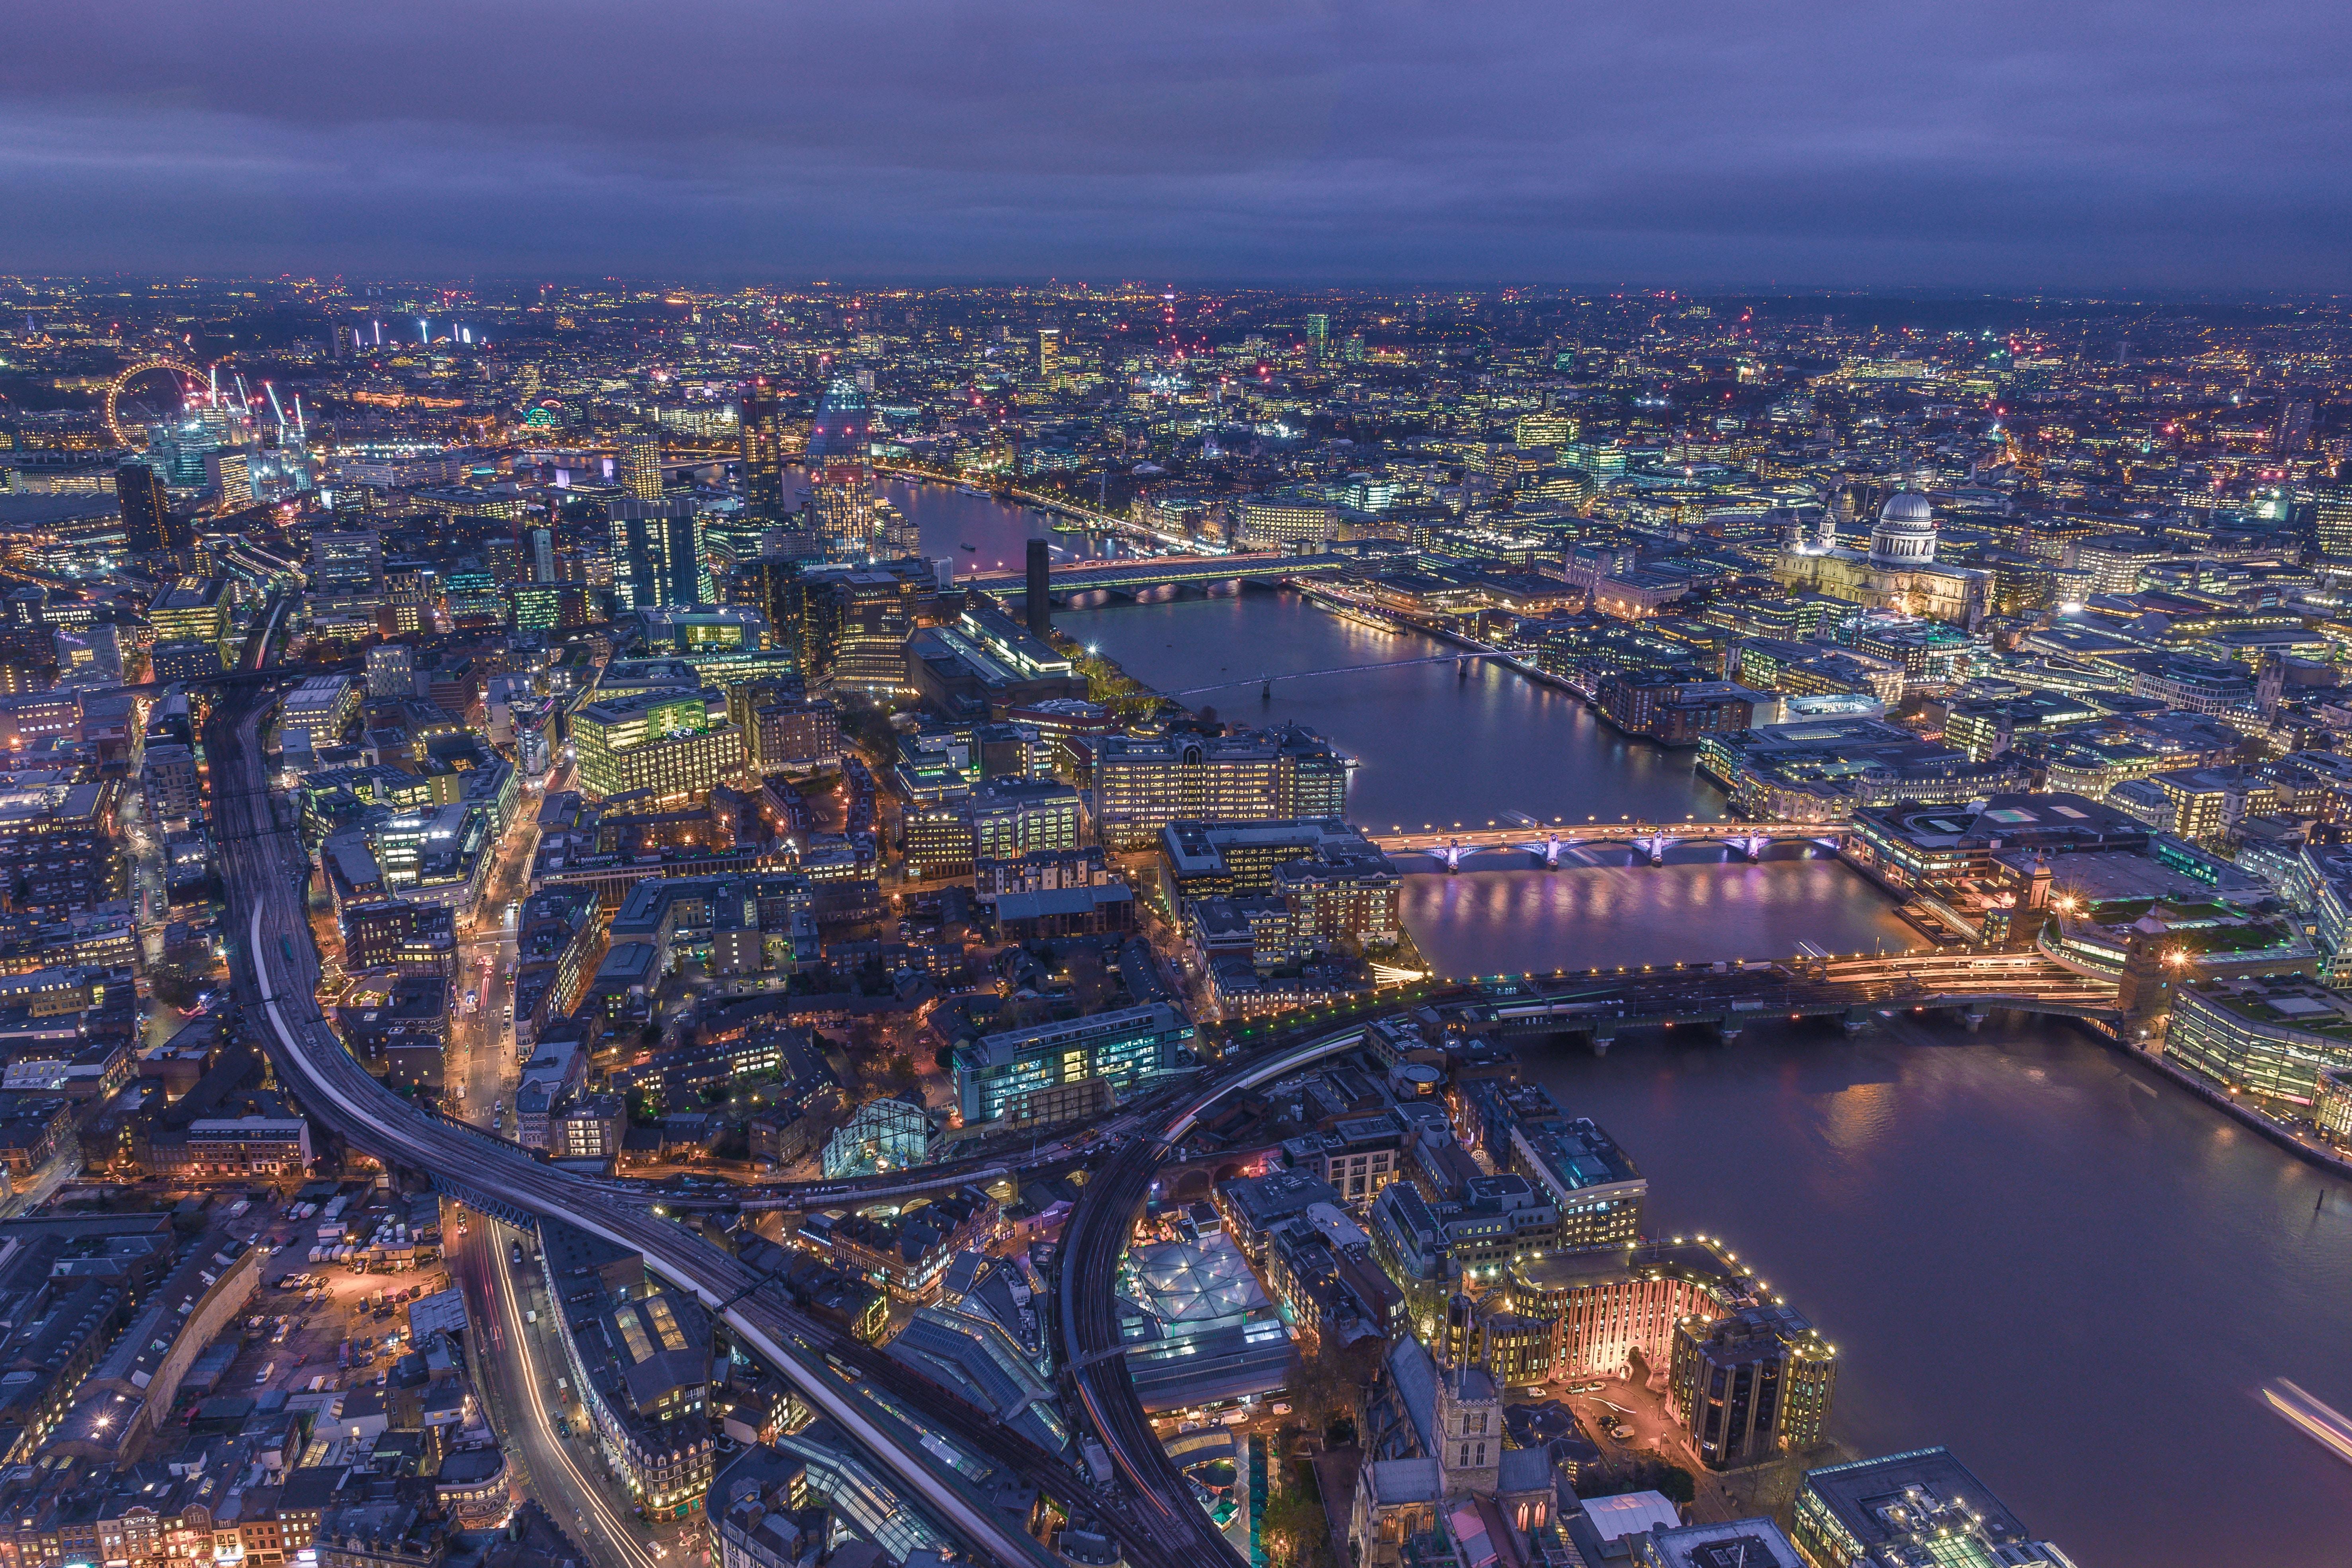 67024 Hintergrundbild herunterladen Städte, Großbritannien, London, Blick Von Oben, Nächtliche Stadt, Night City, Vereinigtes Königreich - Bildschirmschoner und Bilder kostenlos